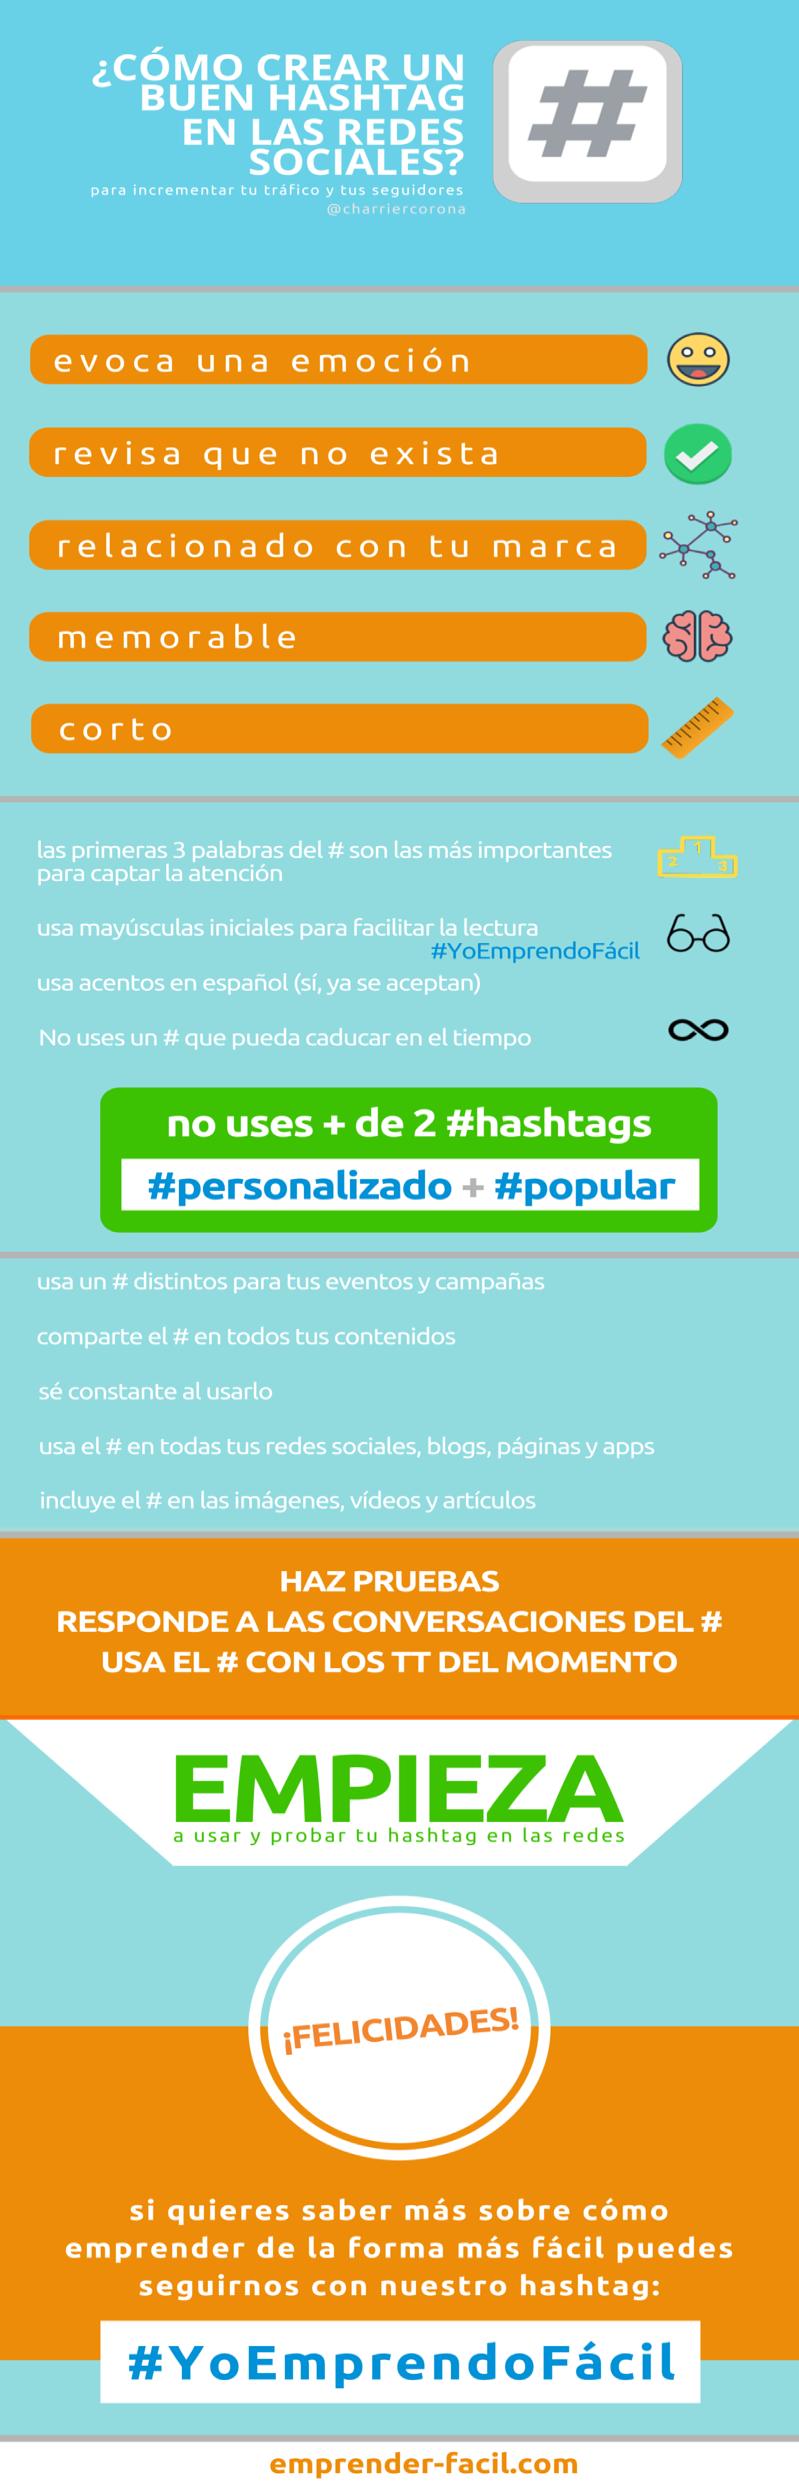 Cómo crear un buen hashtag en Redes Sociales